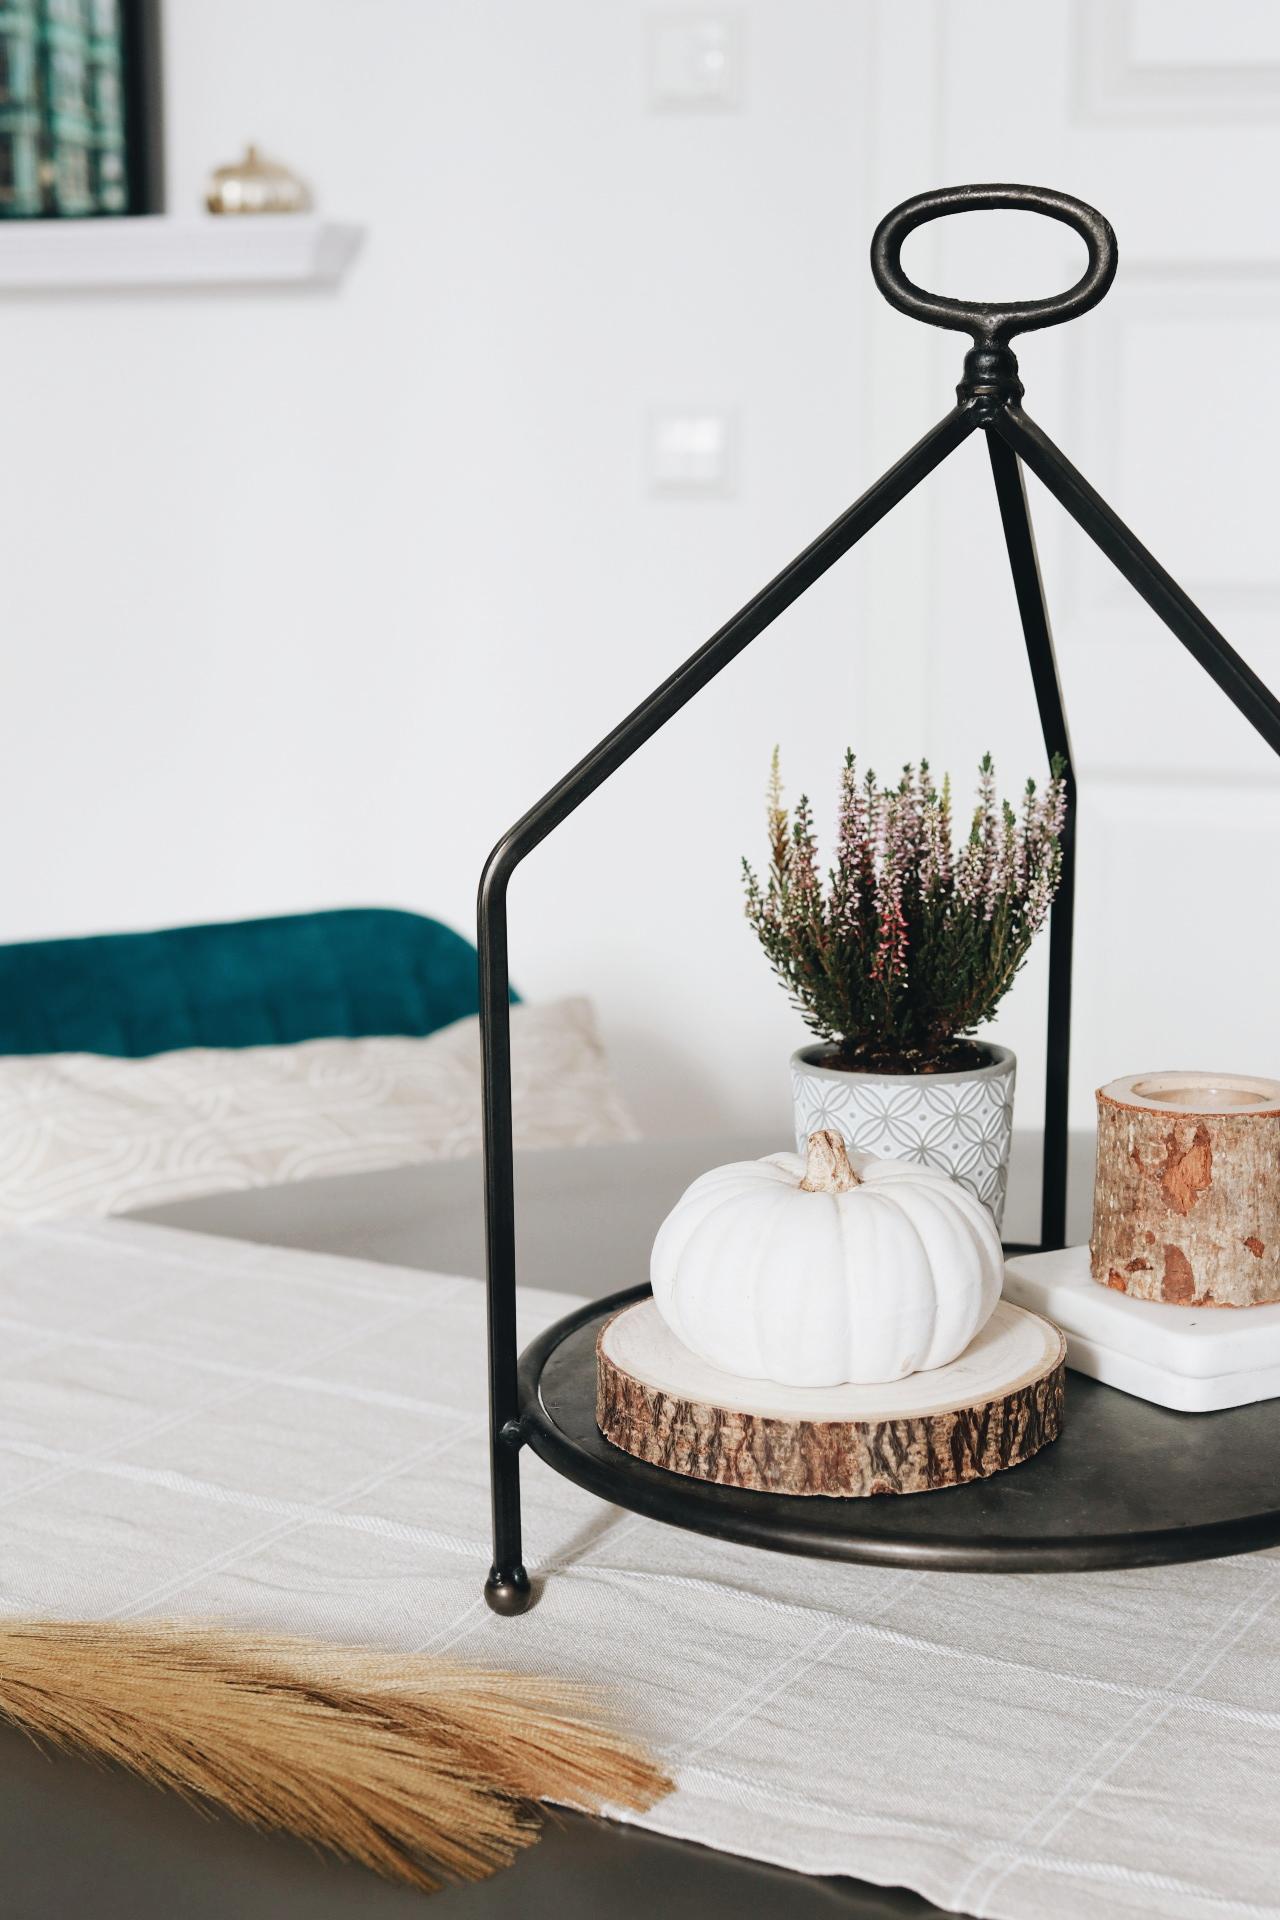 Die Etagere als Dekotrend: Stilvoll dekorieren